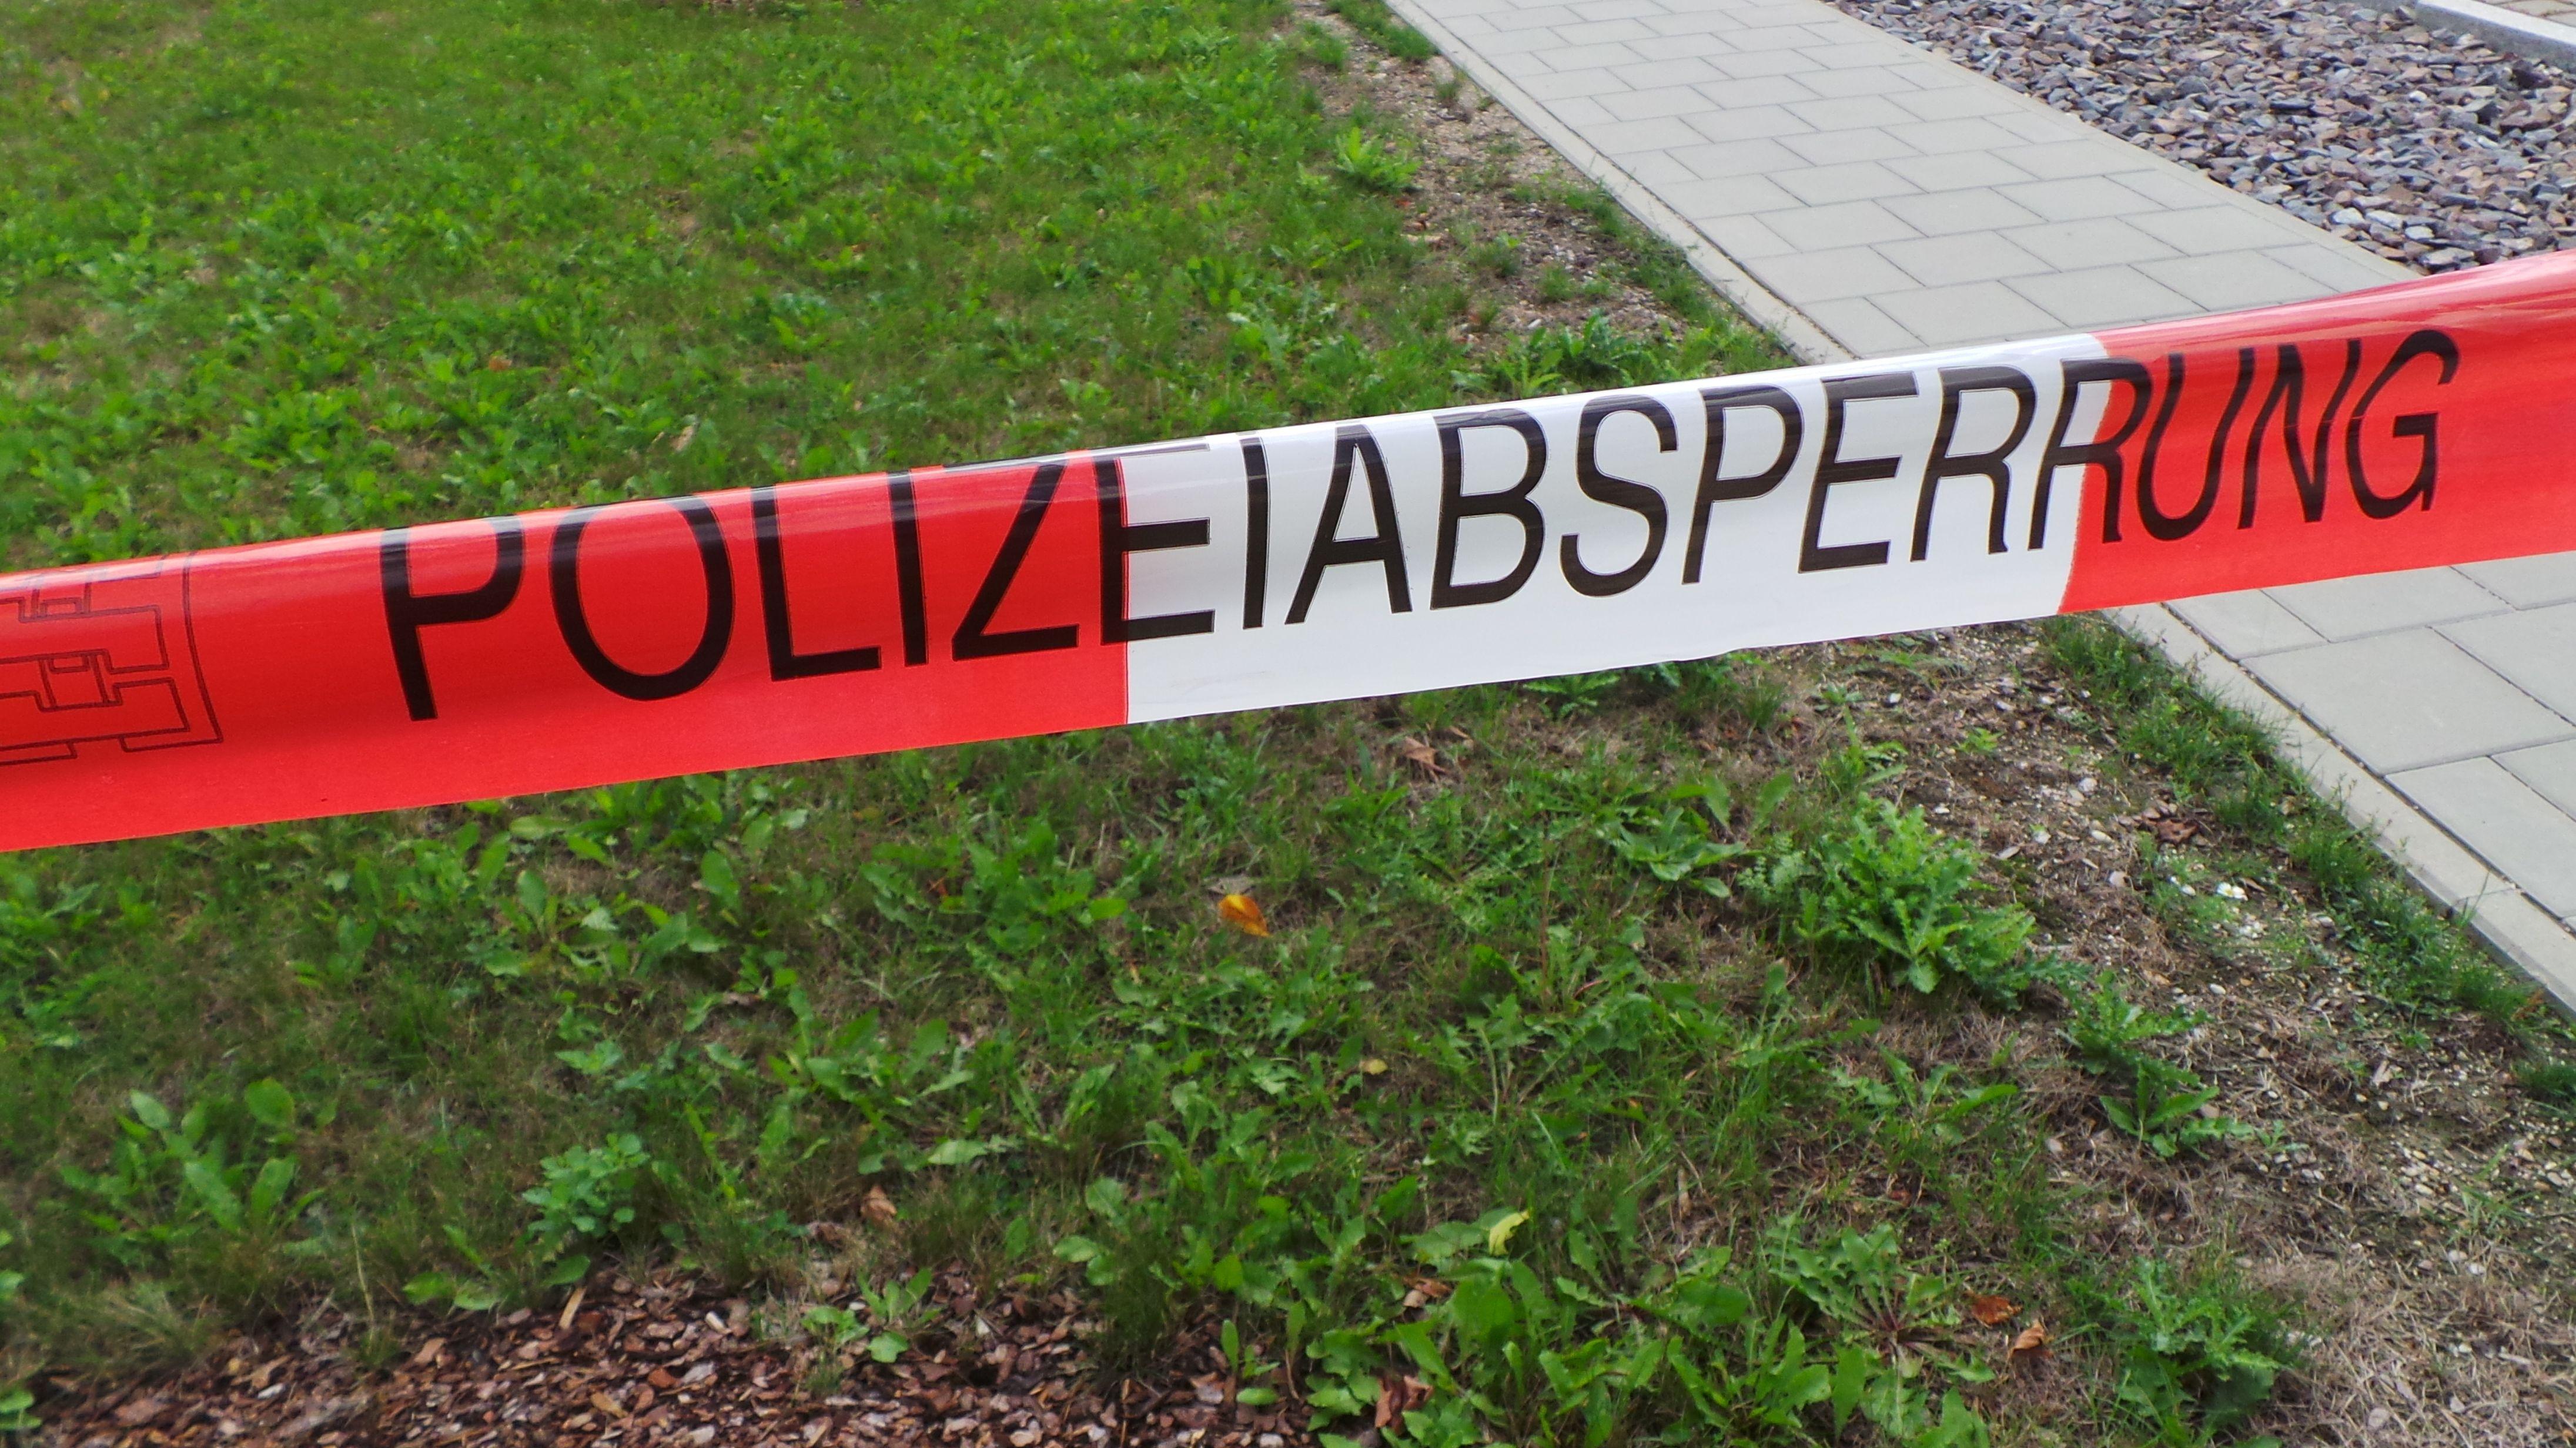 """rot-weiß Absperrrband, darauf der Text: """"Polizeiabsperrung"""""""